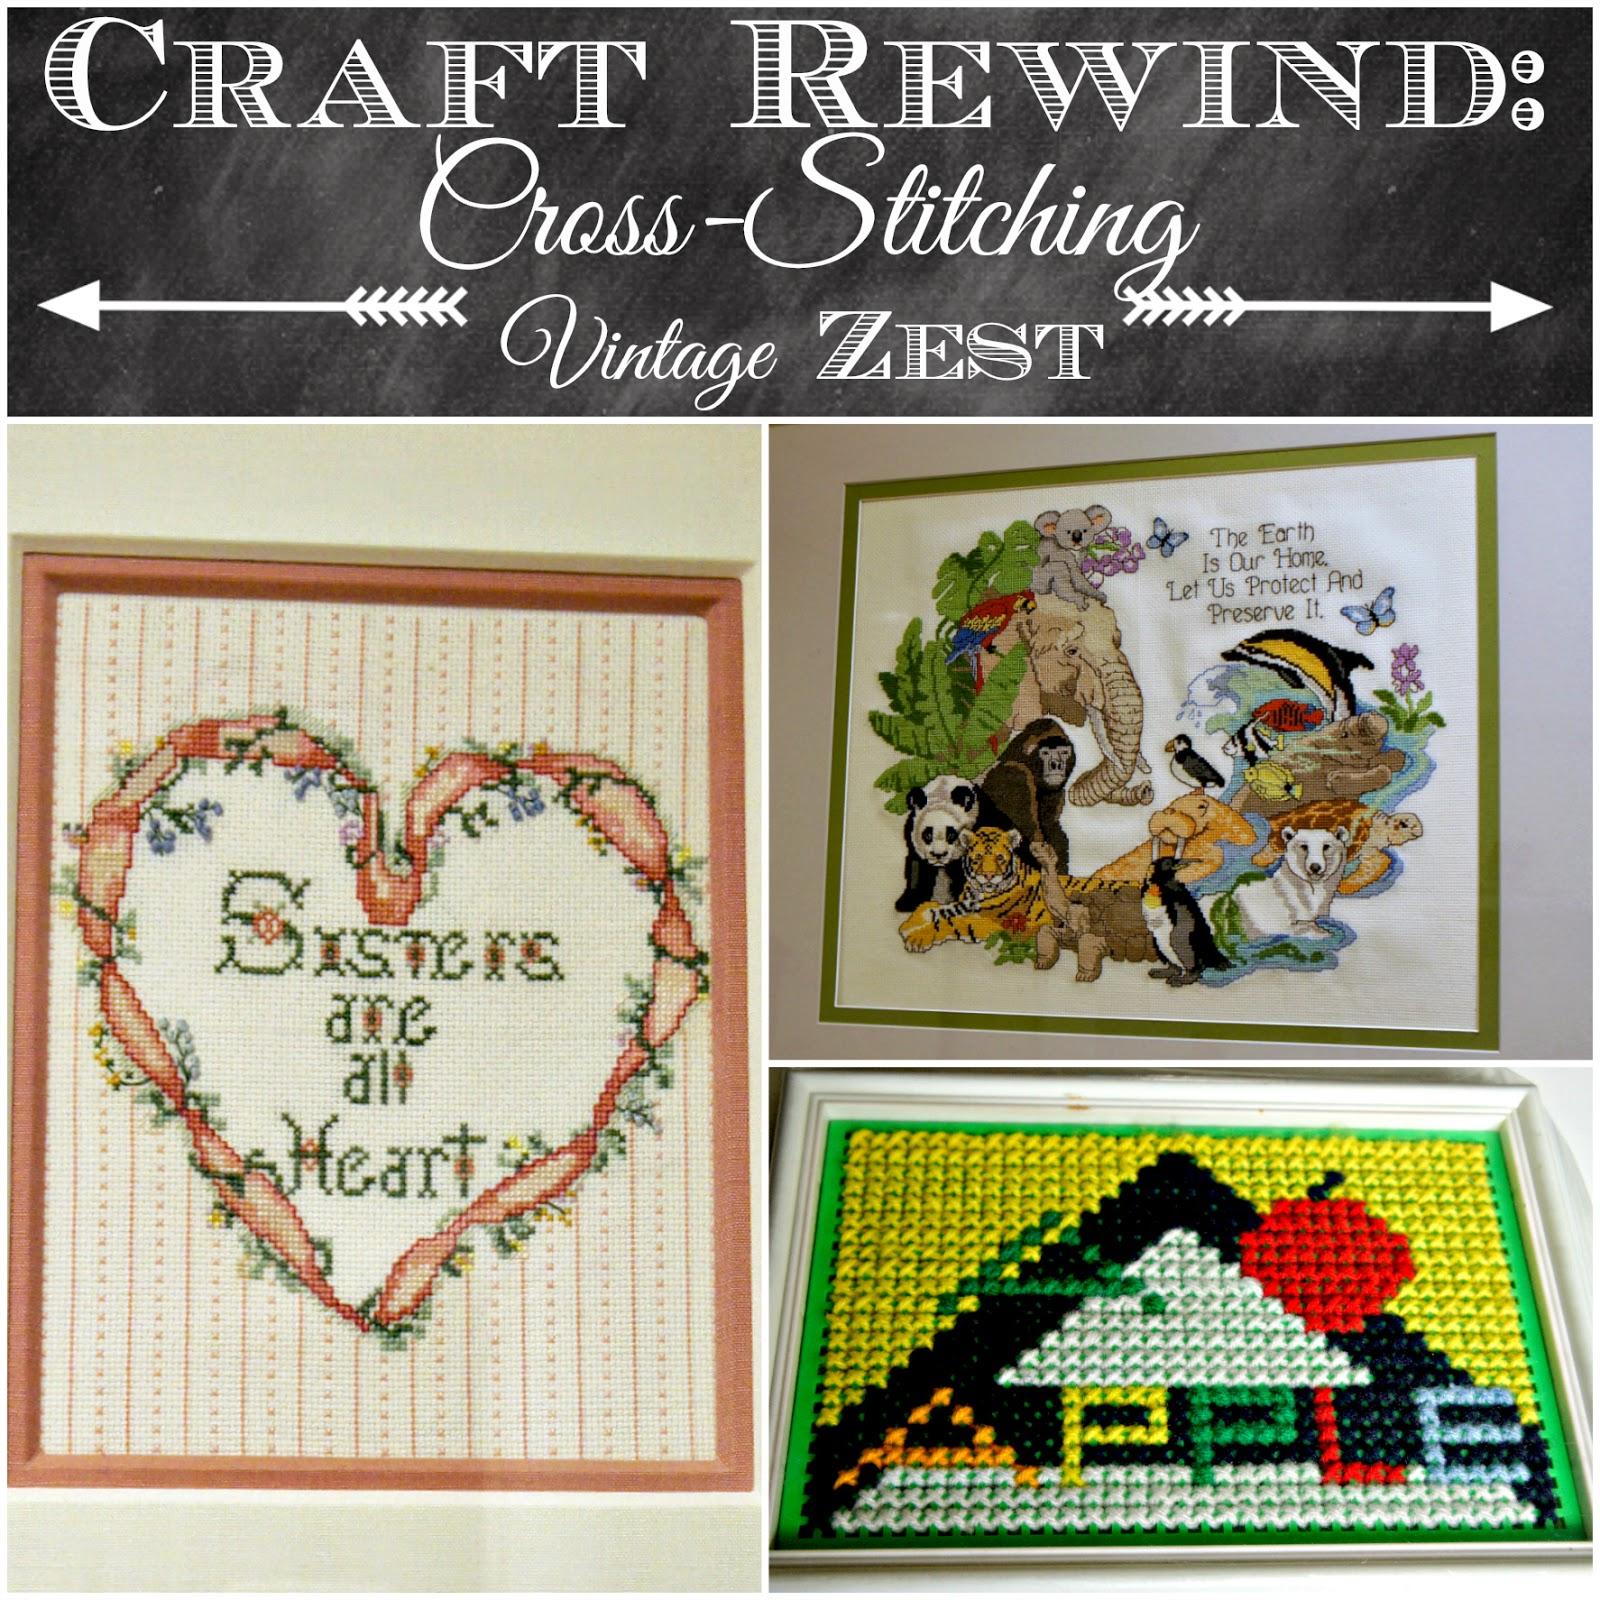 Craft Rewind: Cross-Stitching on Diane's Vintage Zest!